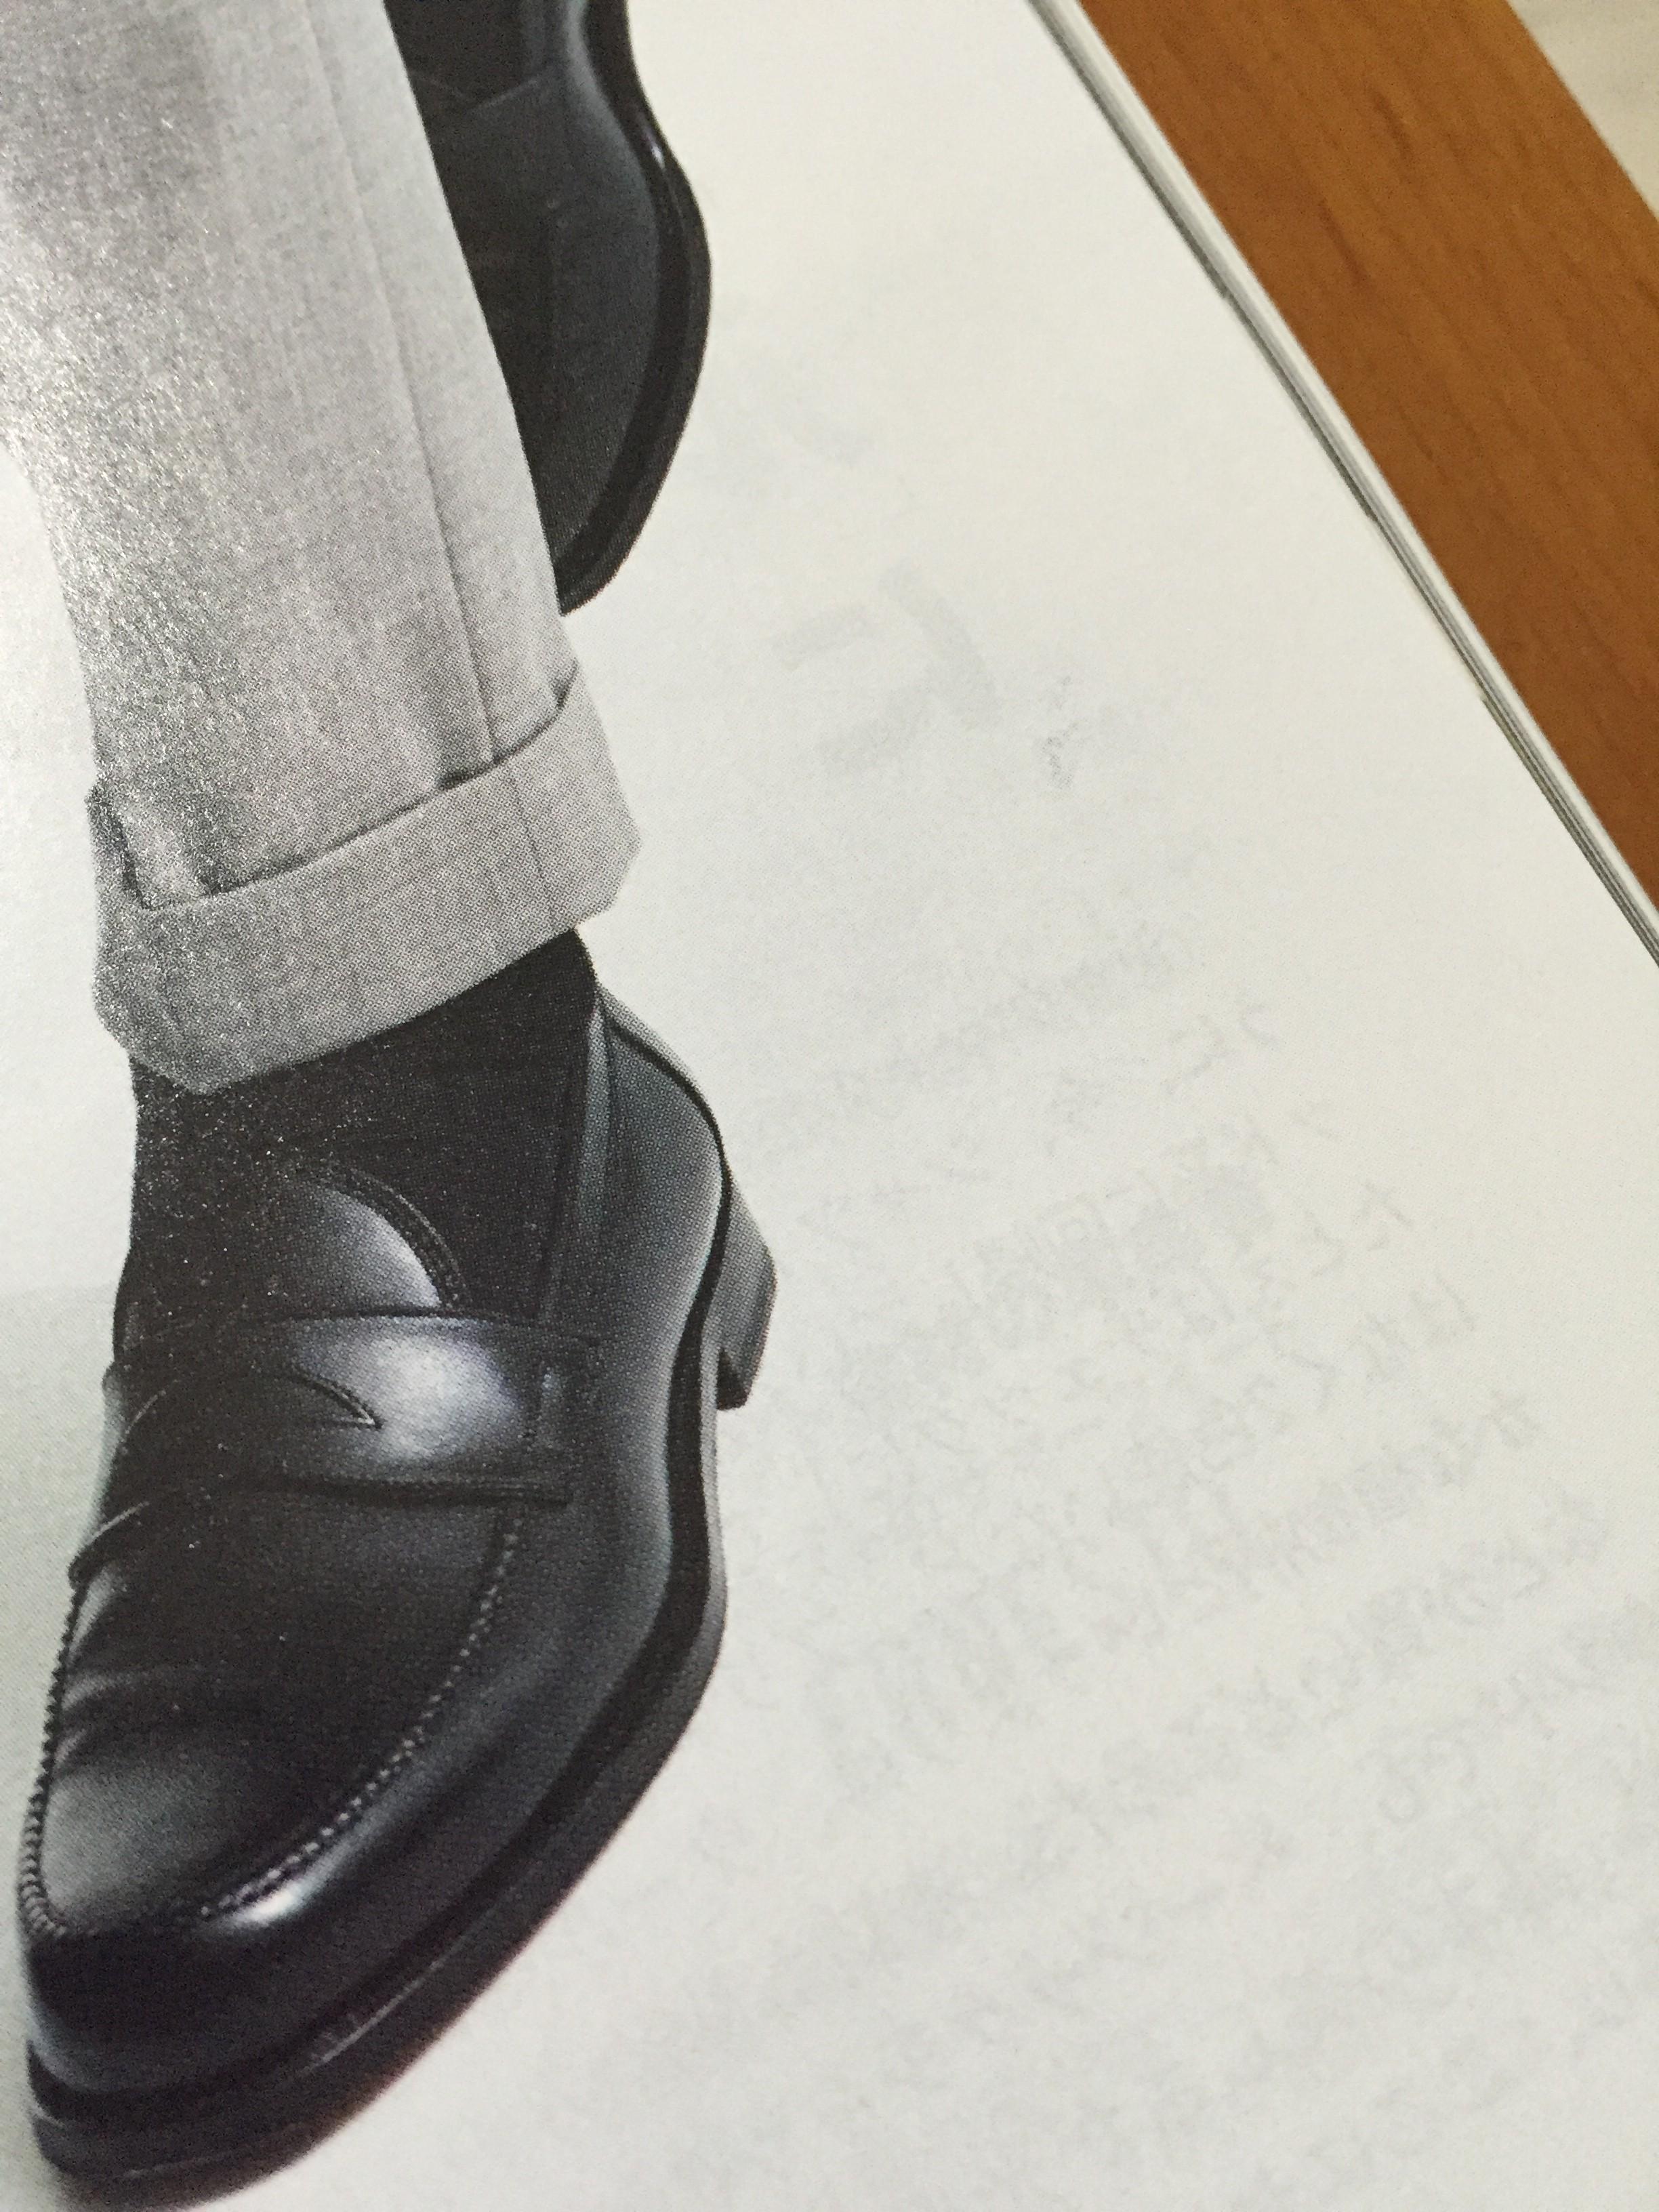 シューズの基本は紐靴がオススメです